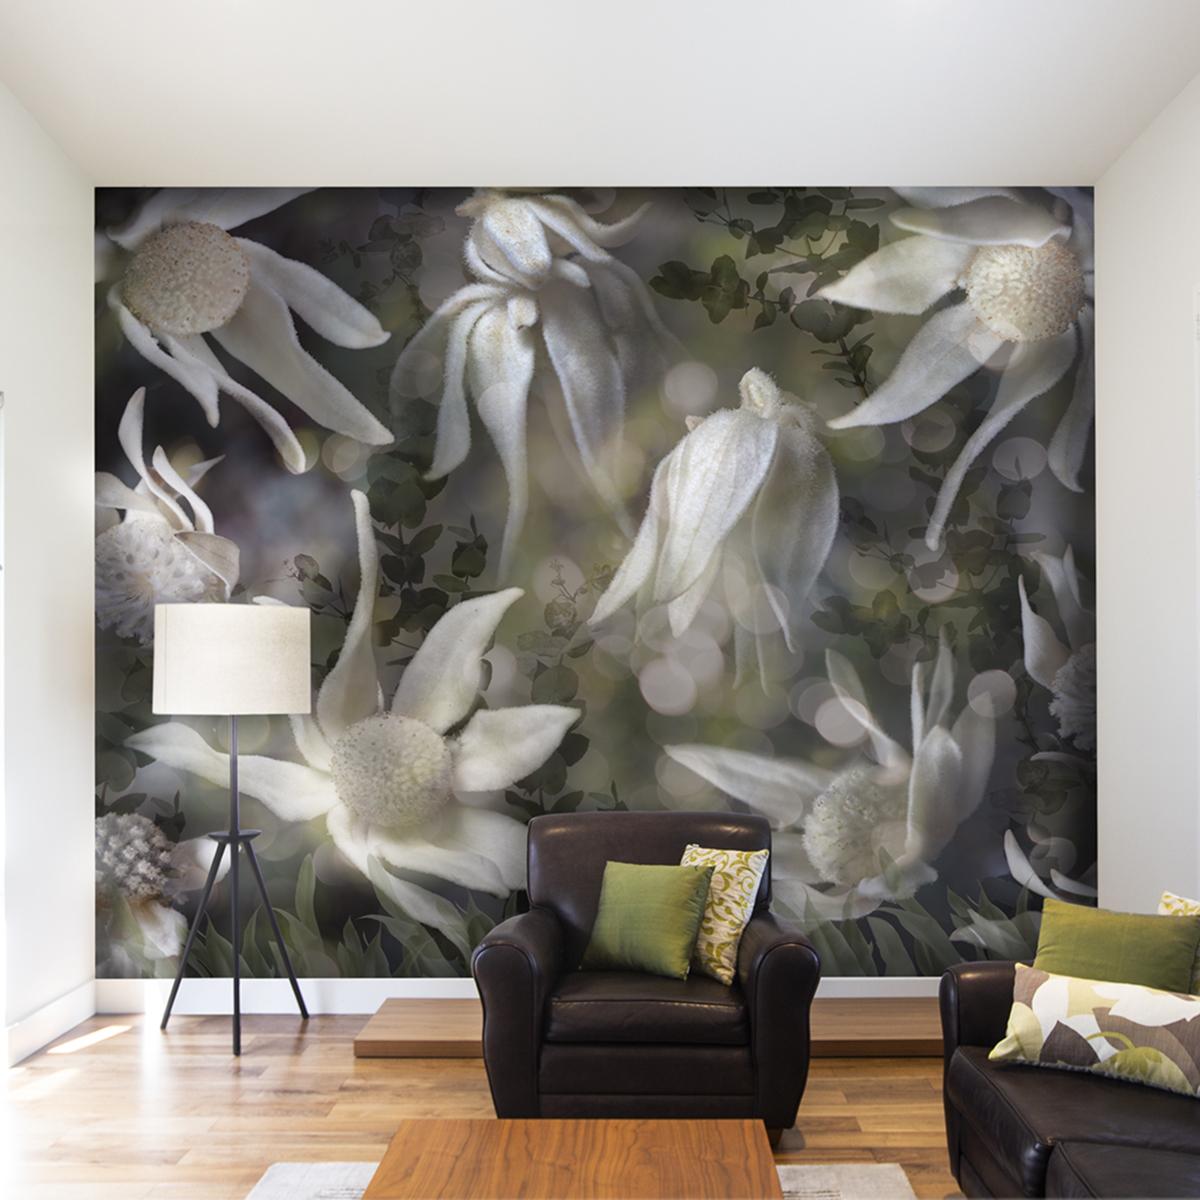 Flannel Fairies Wall Artwork